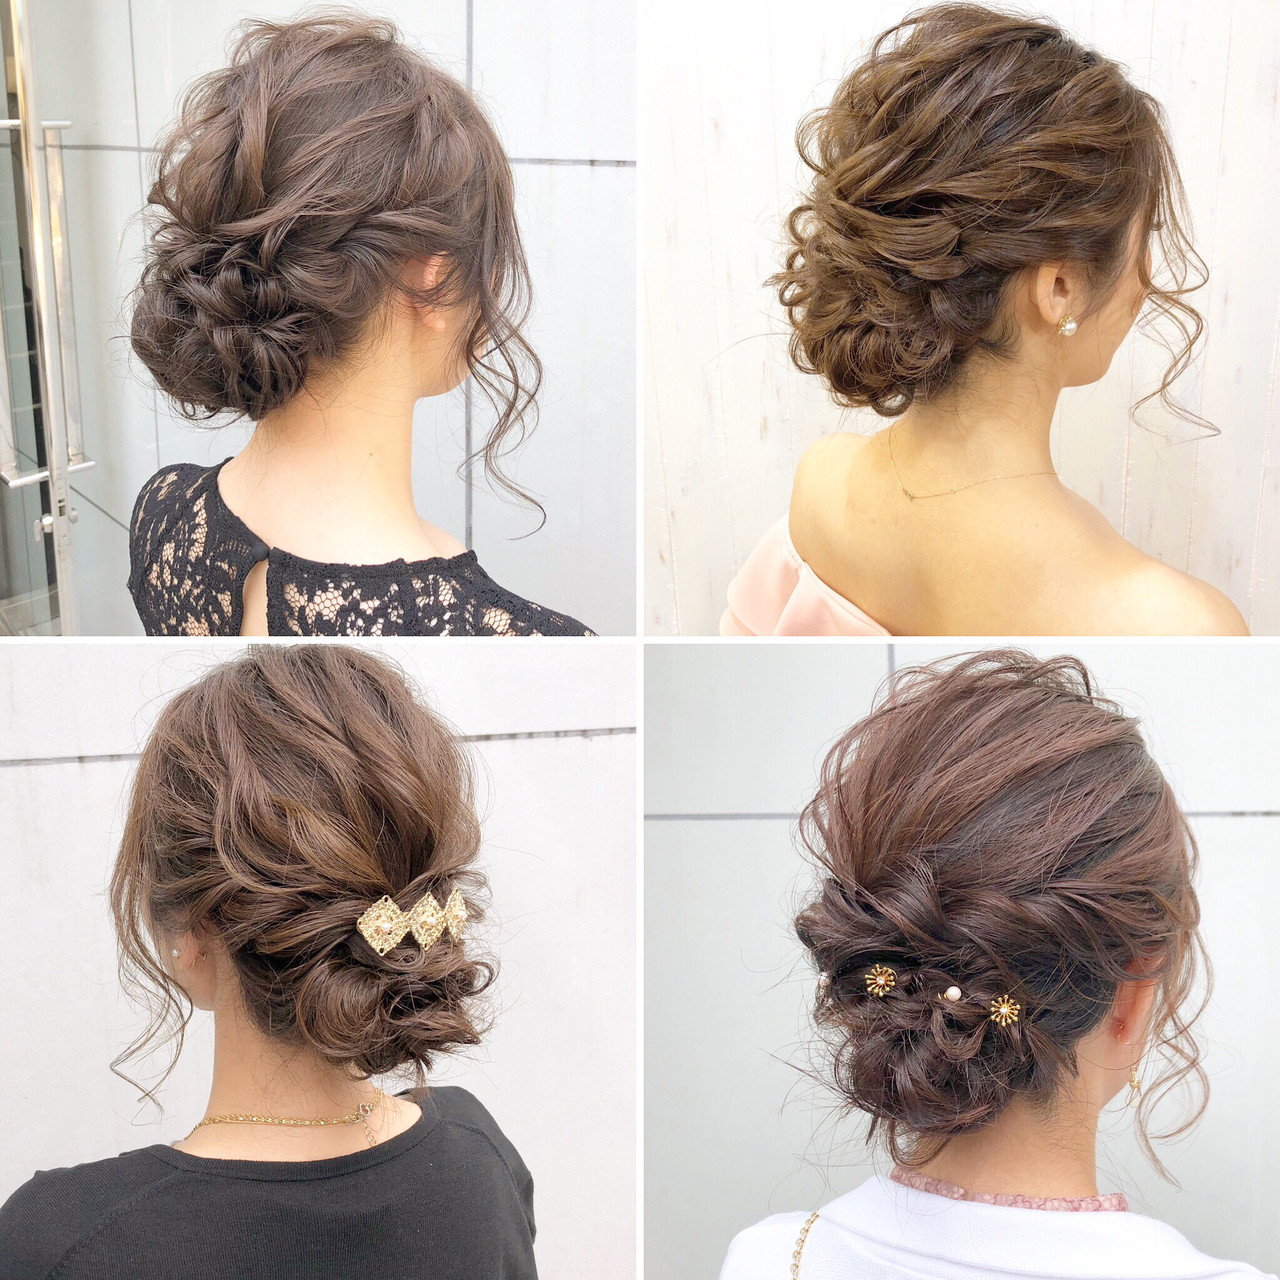 ナチュラル 結婚式 成人式 ロング ヘアスタイルや髪型の写真・画像 | 『ボブ美容師』永田邦彦 表参道 / send by HAIR